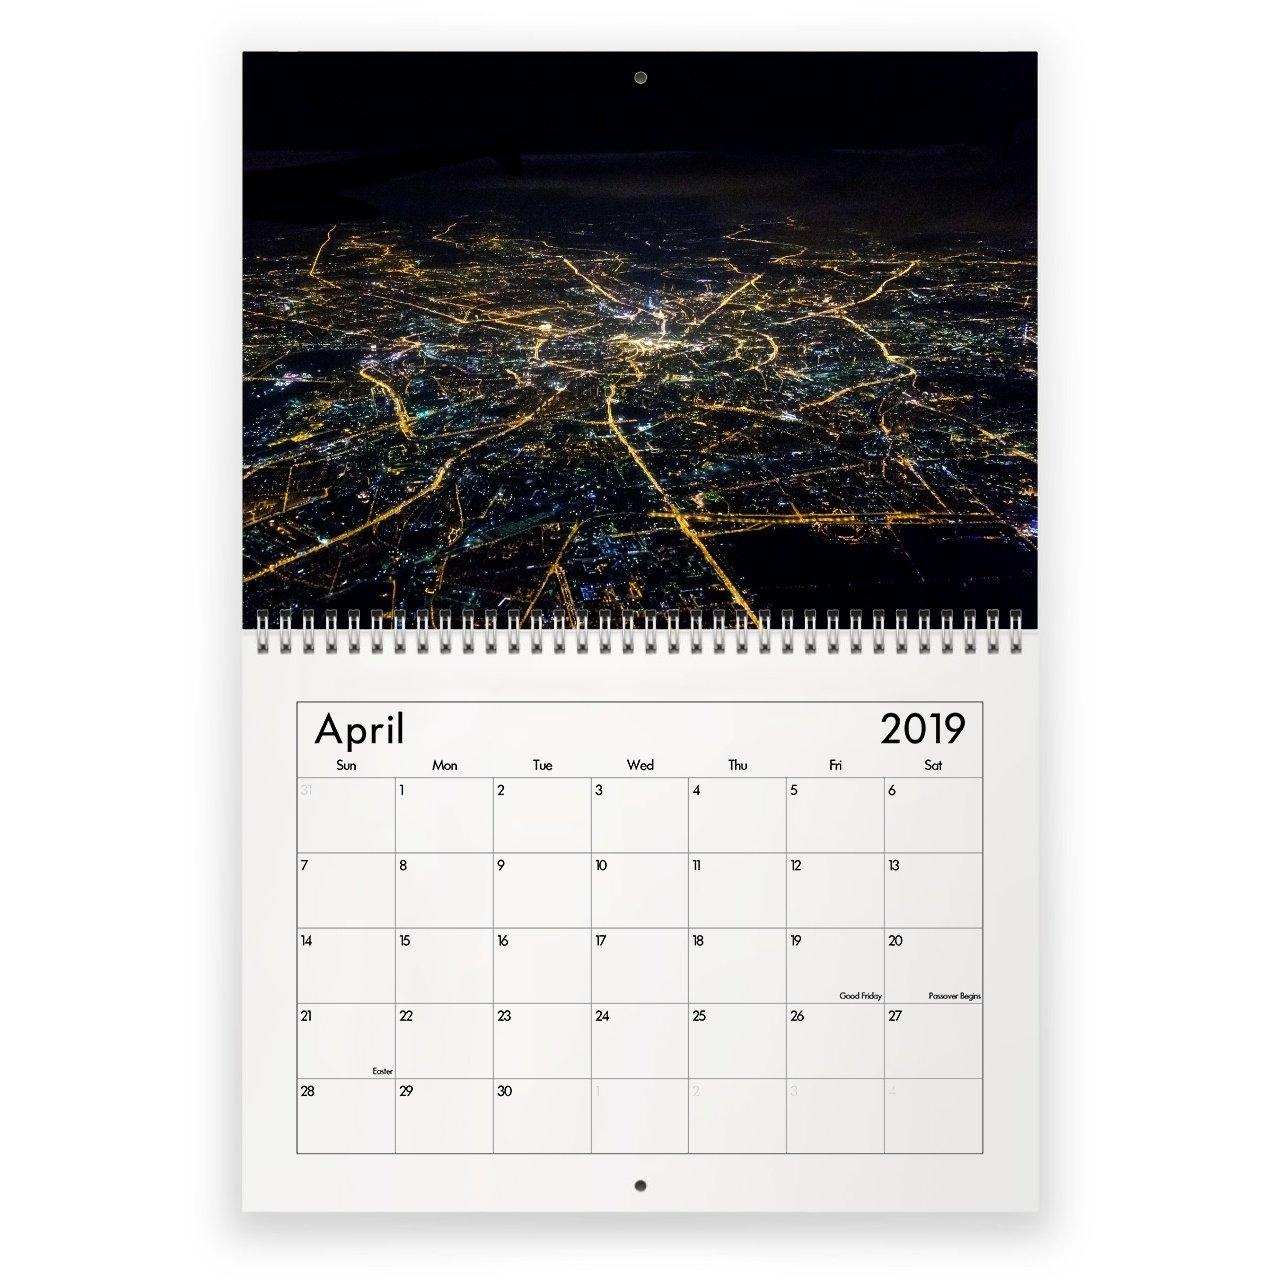 Russia 2019 Calendar Calendar 2019 Russia